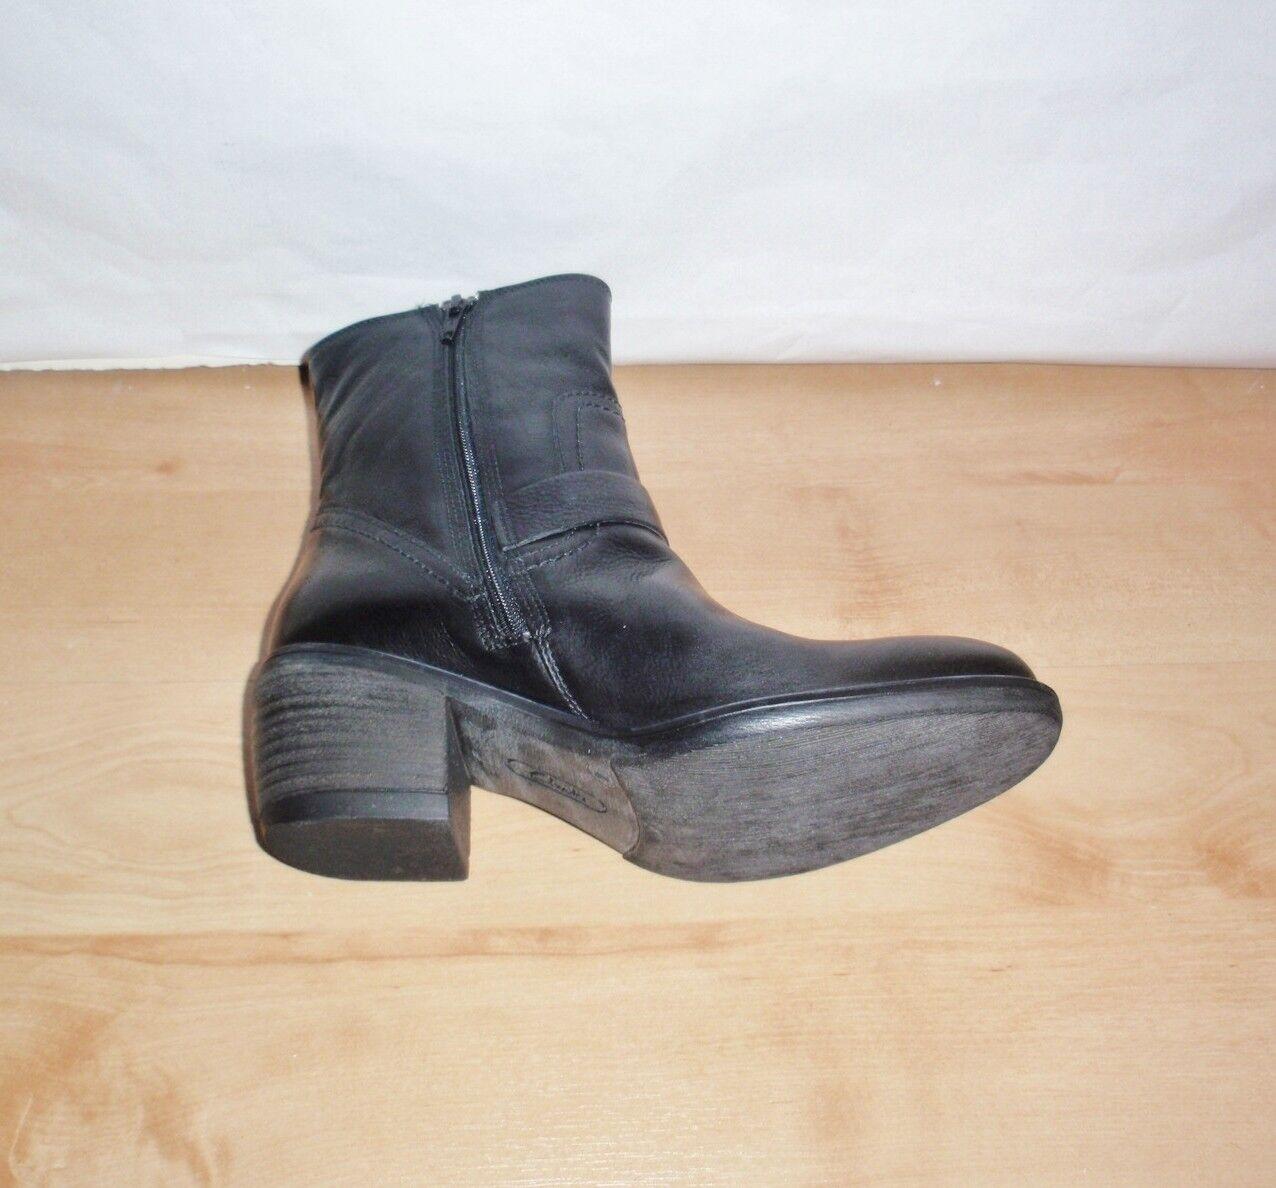 BNIB Clarks MASCAPONE CAFE Leder Damenss schwarz Leder CAFE Stiefel - various Größes c98876